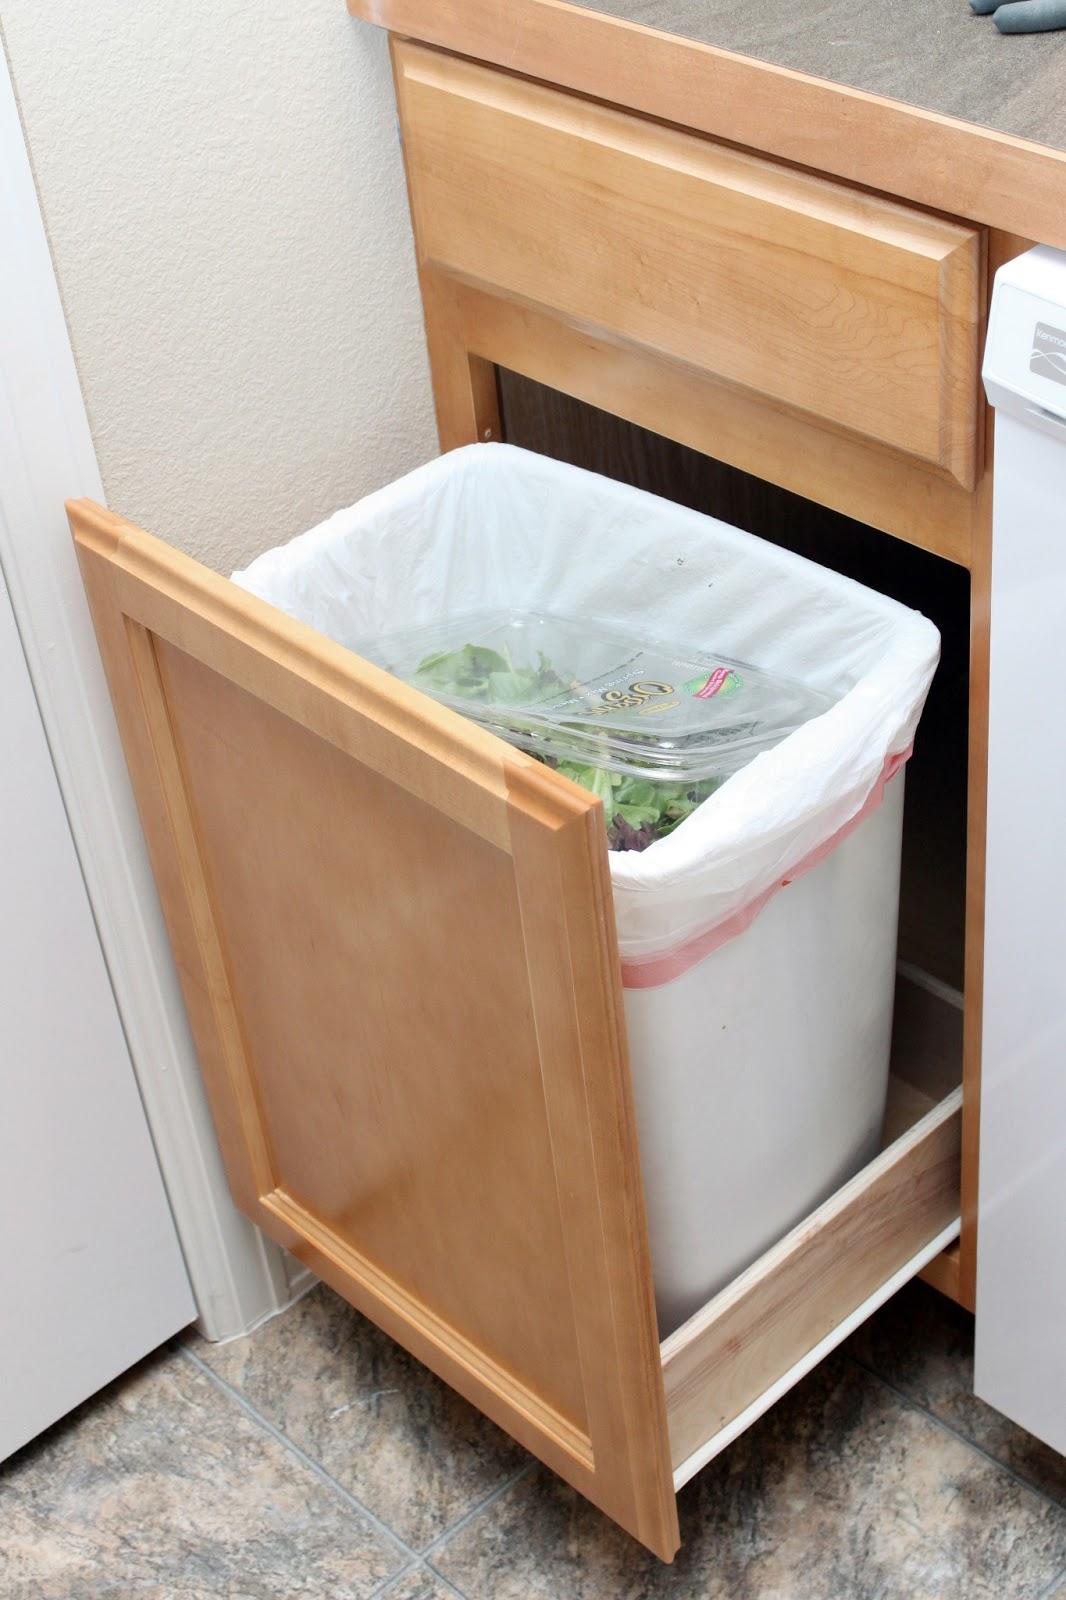 our modern homestead diy pull out trash drawer. Black Bedroom Furniture Sets. Home Design Ideas